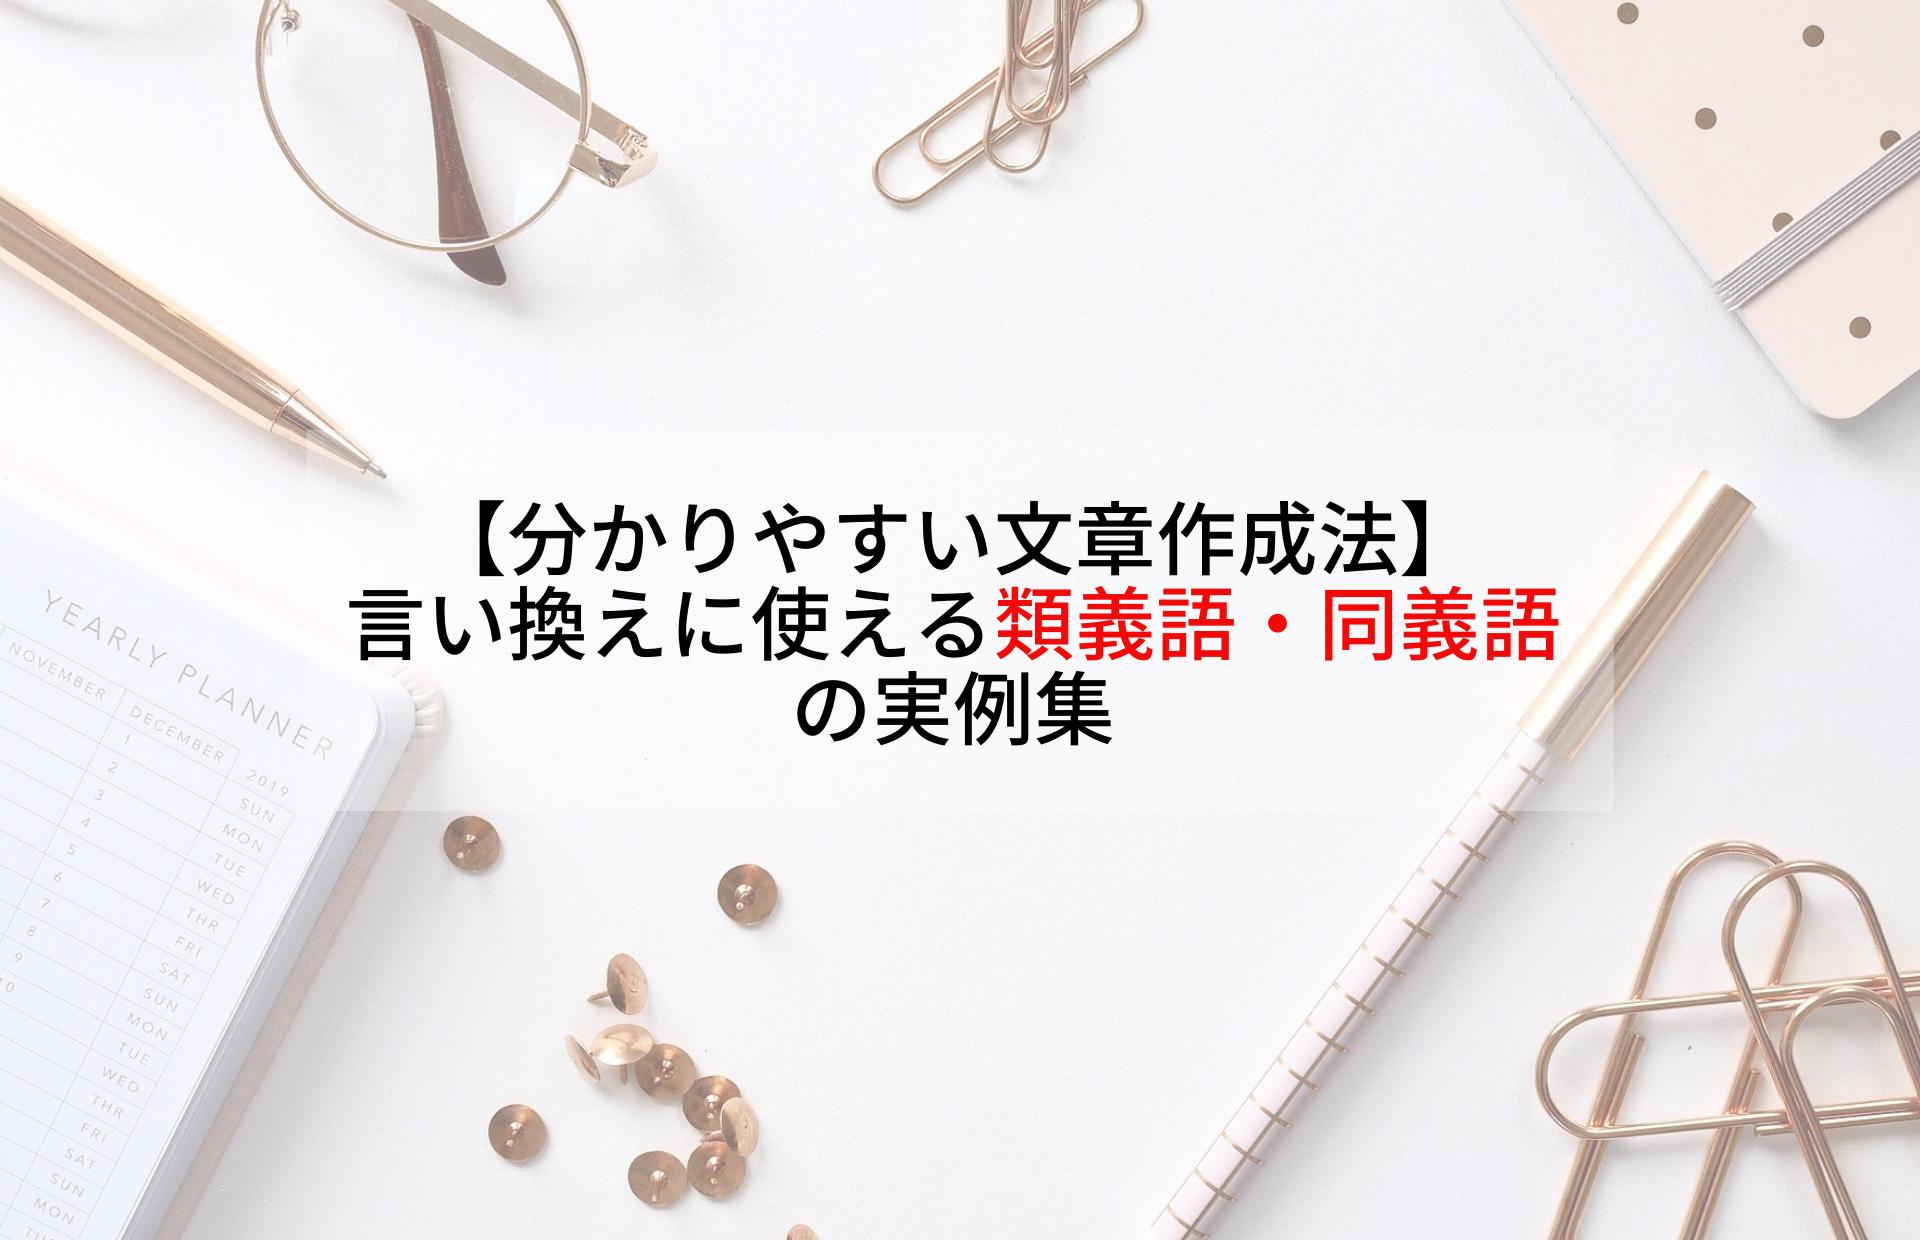 【分かりやすい文章作成法】言い換えに使える類義語・同義語の実例集